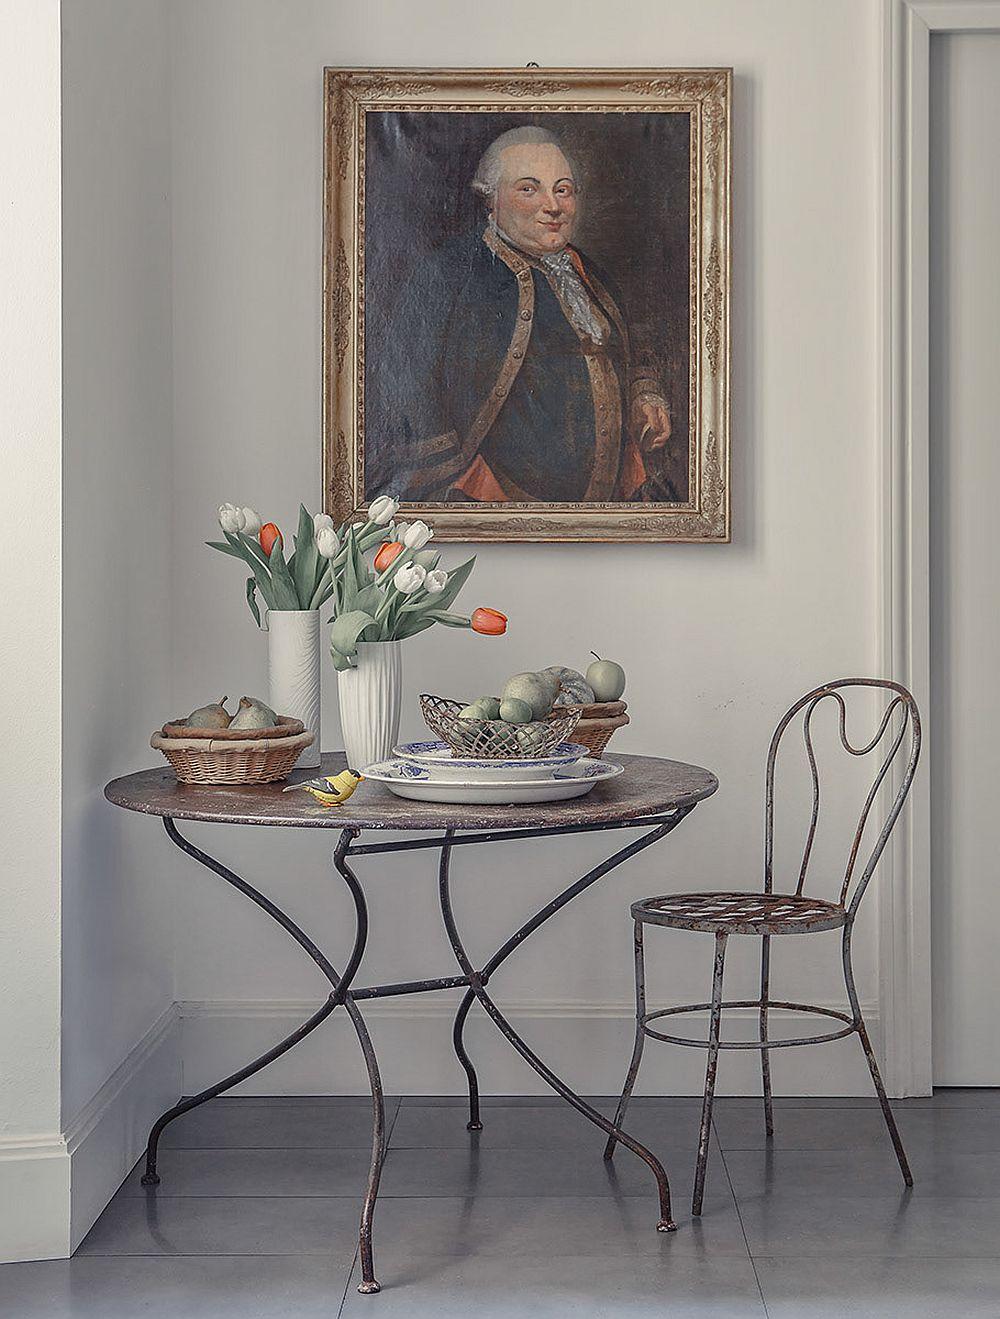 Locul de masă din bucătărie este un alt prilej de desfătare pentru proprietar.